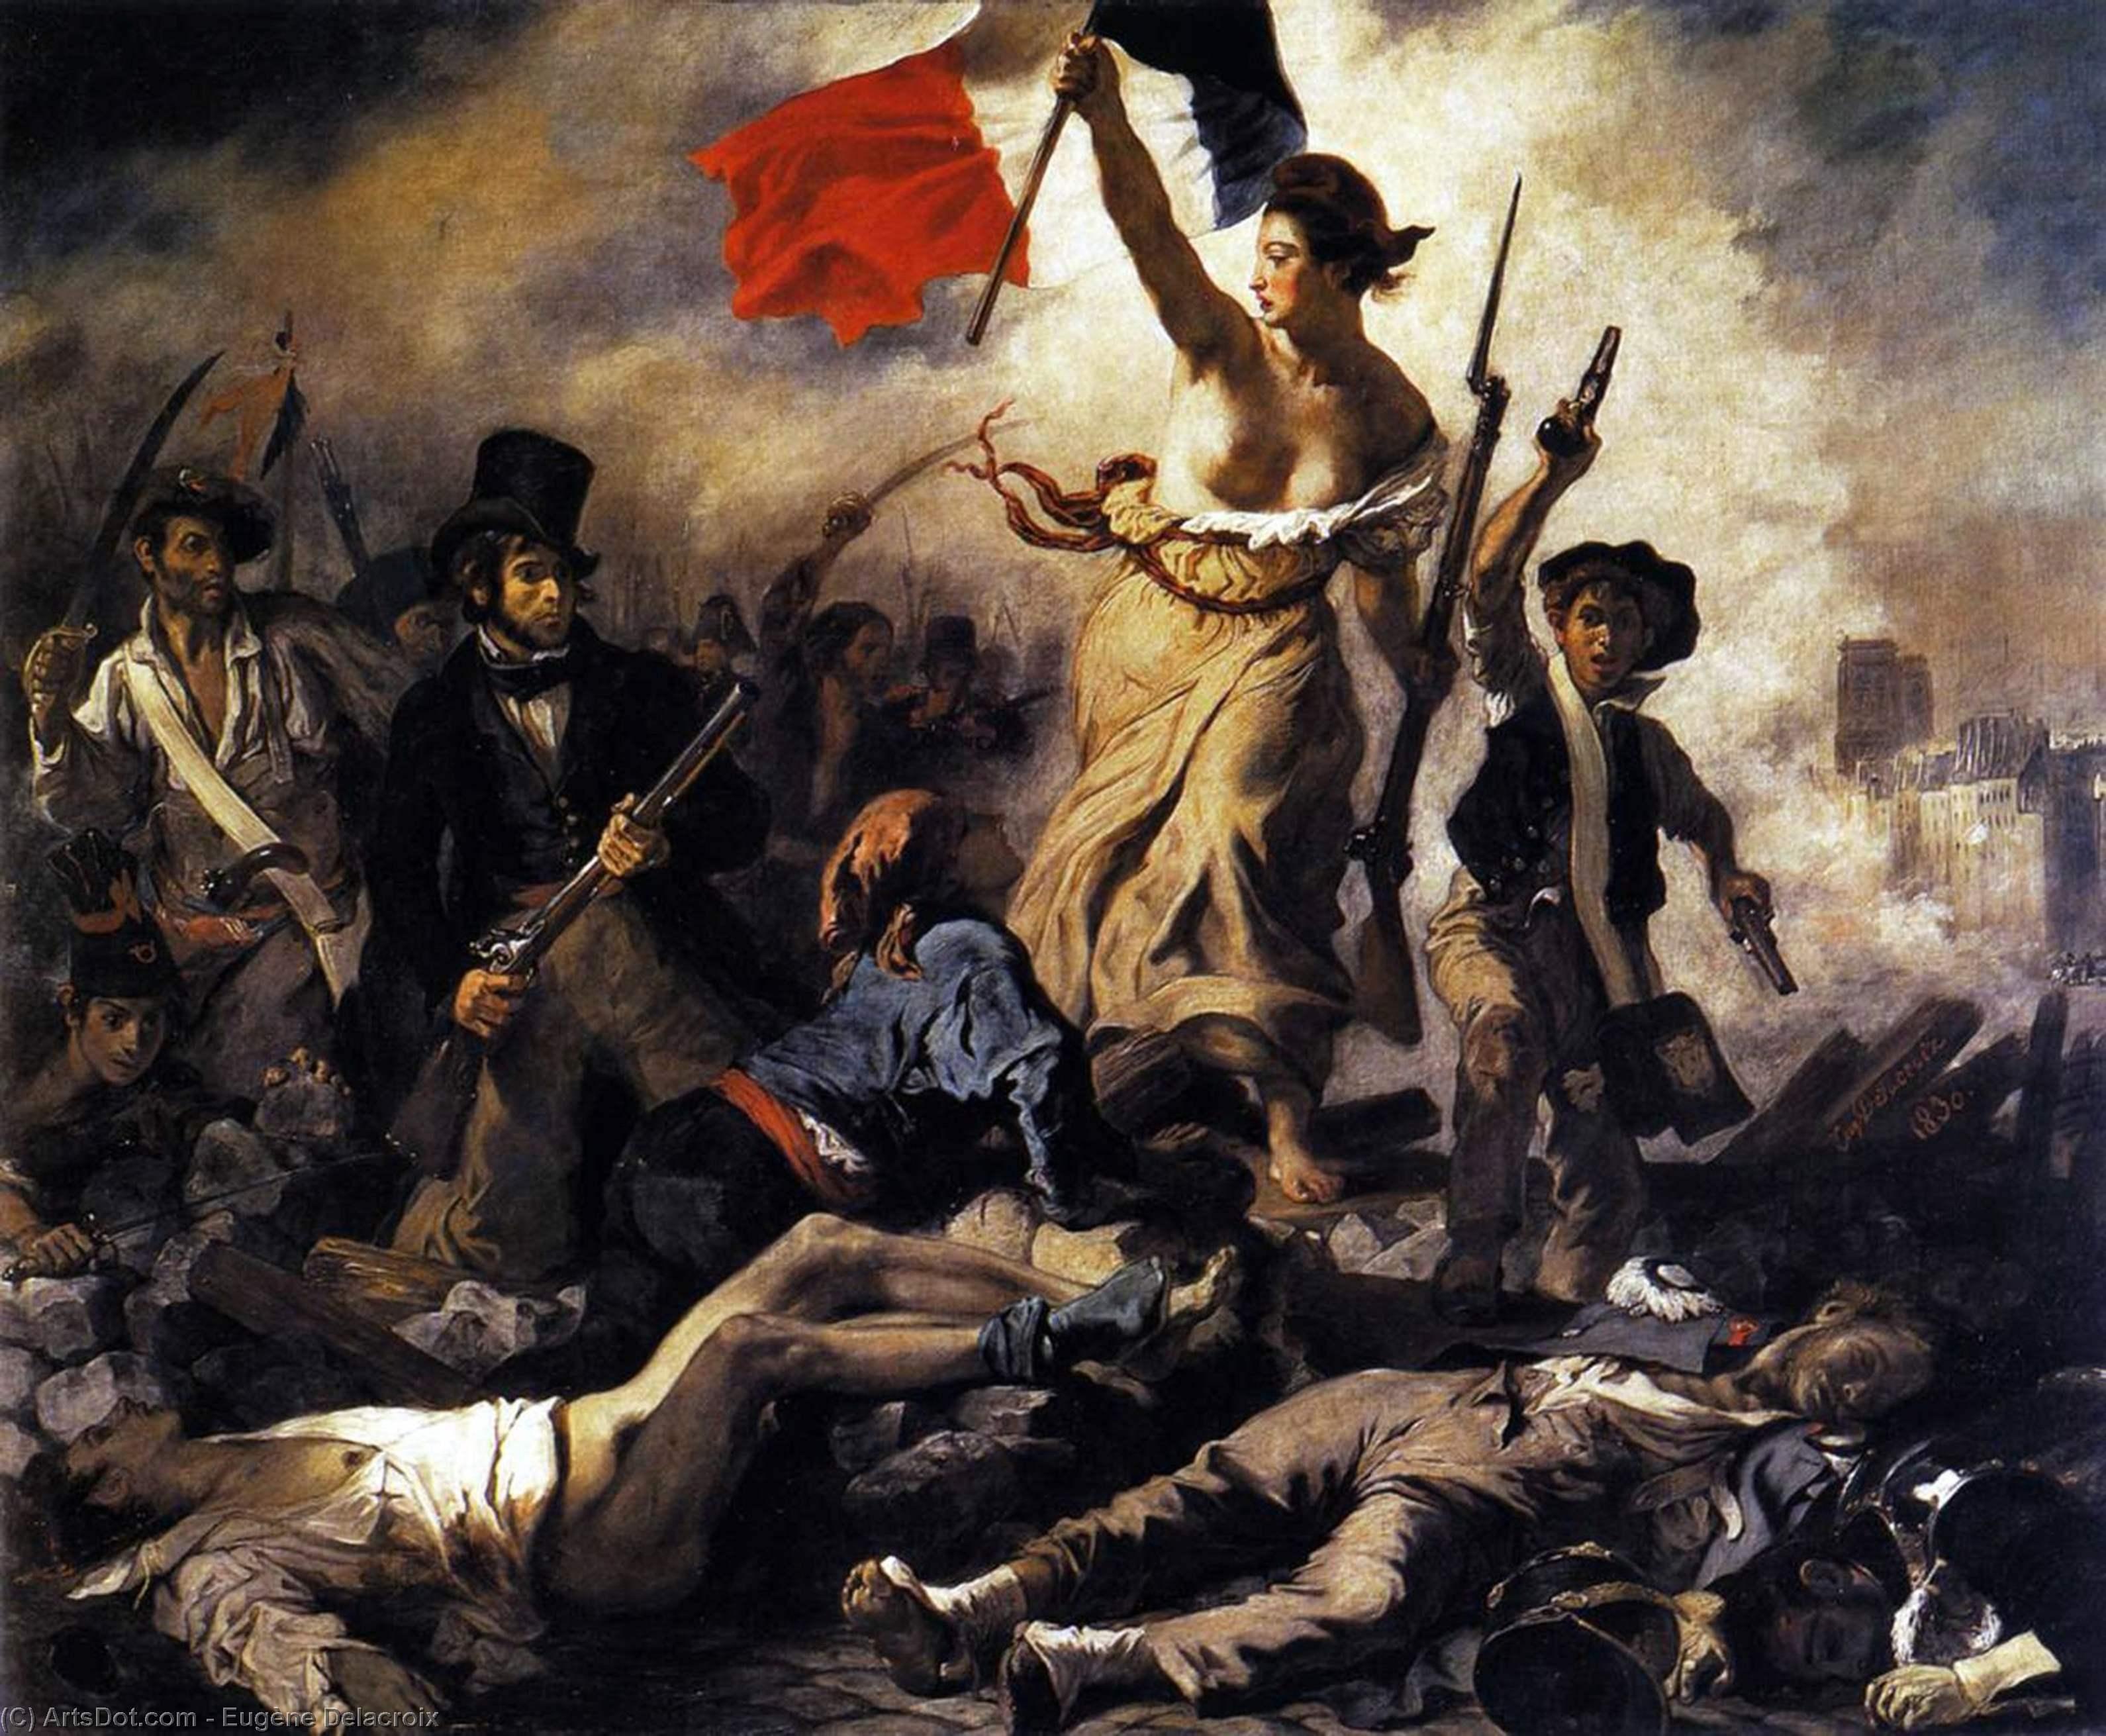 Figure 5. A liberdade conduzindo o povo (1830). Paris, Louvre.